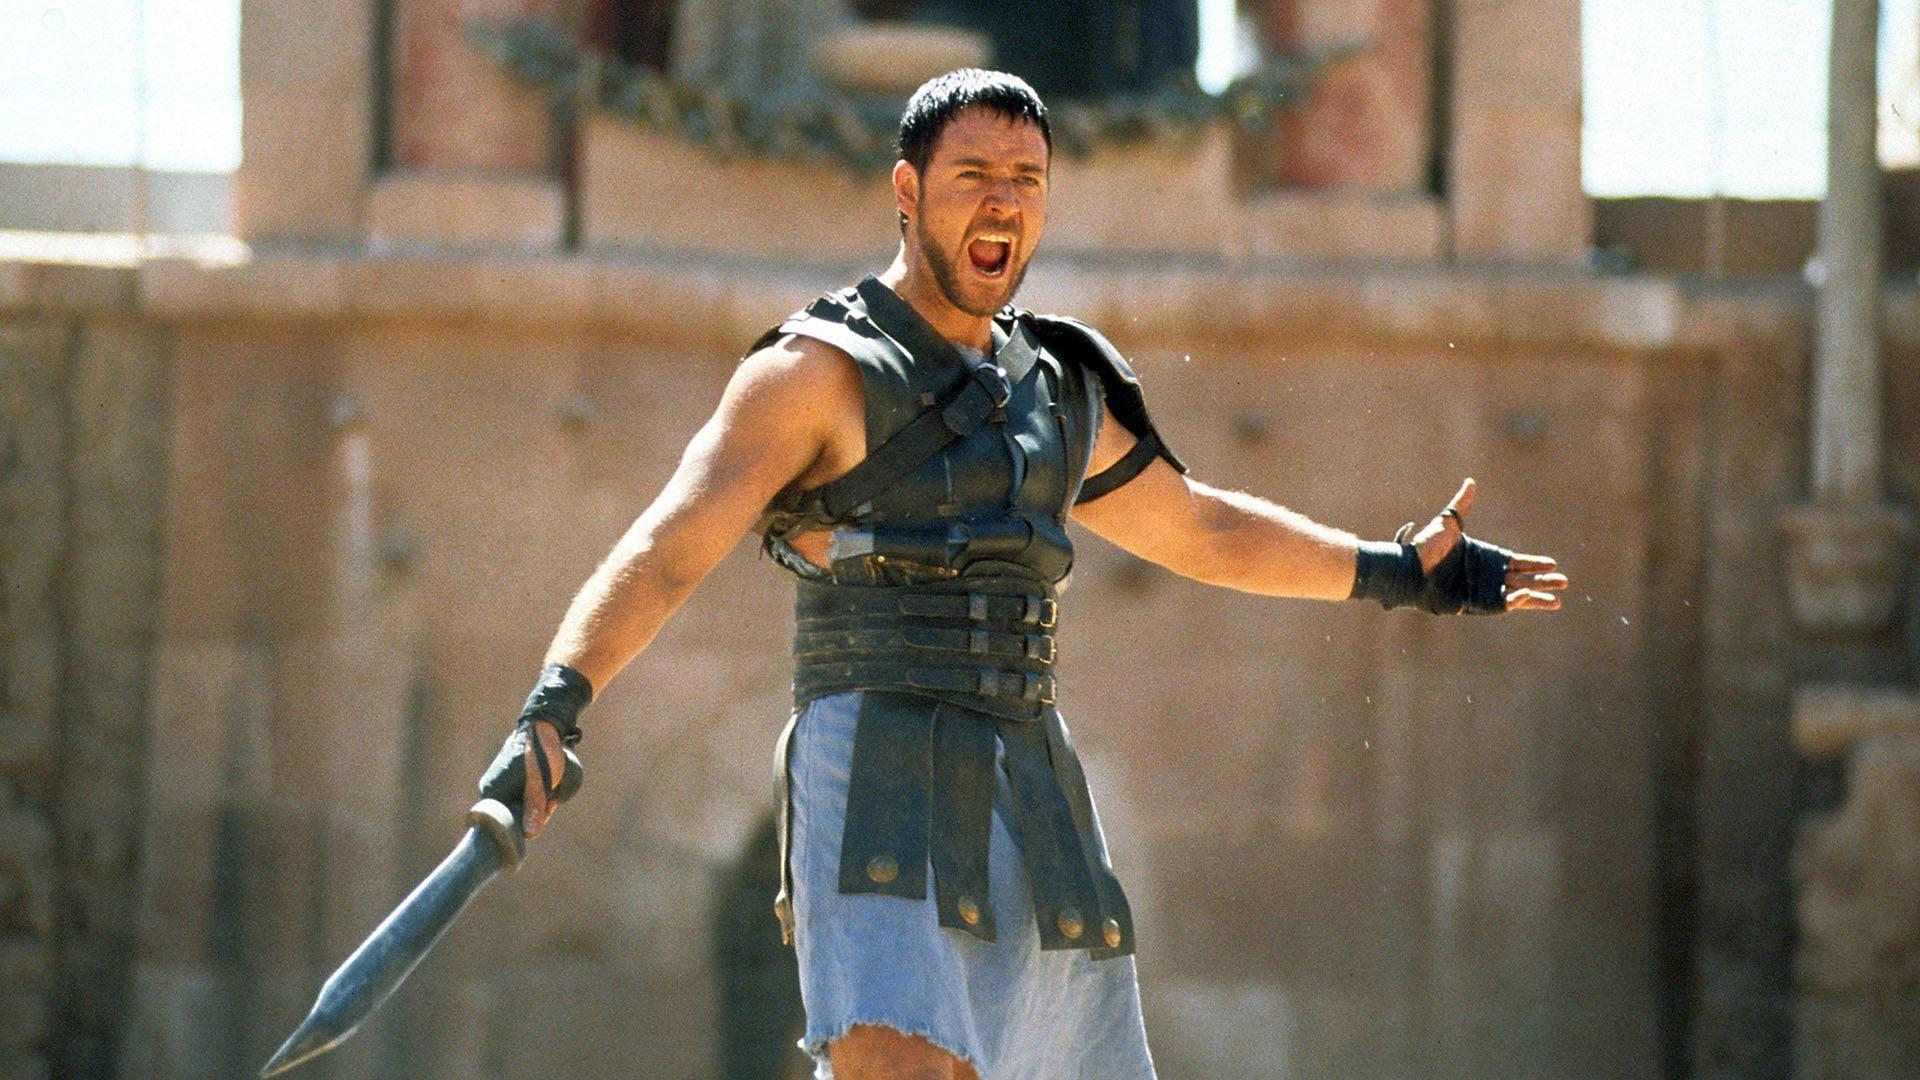 Gladiator film still